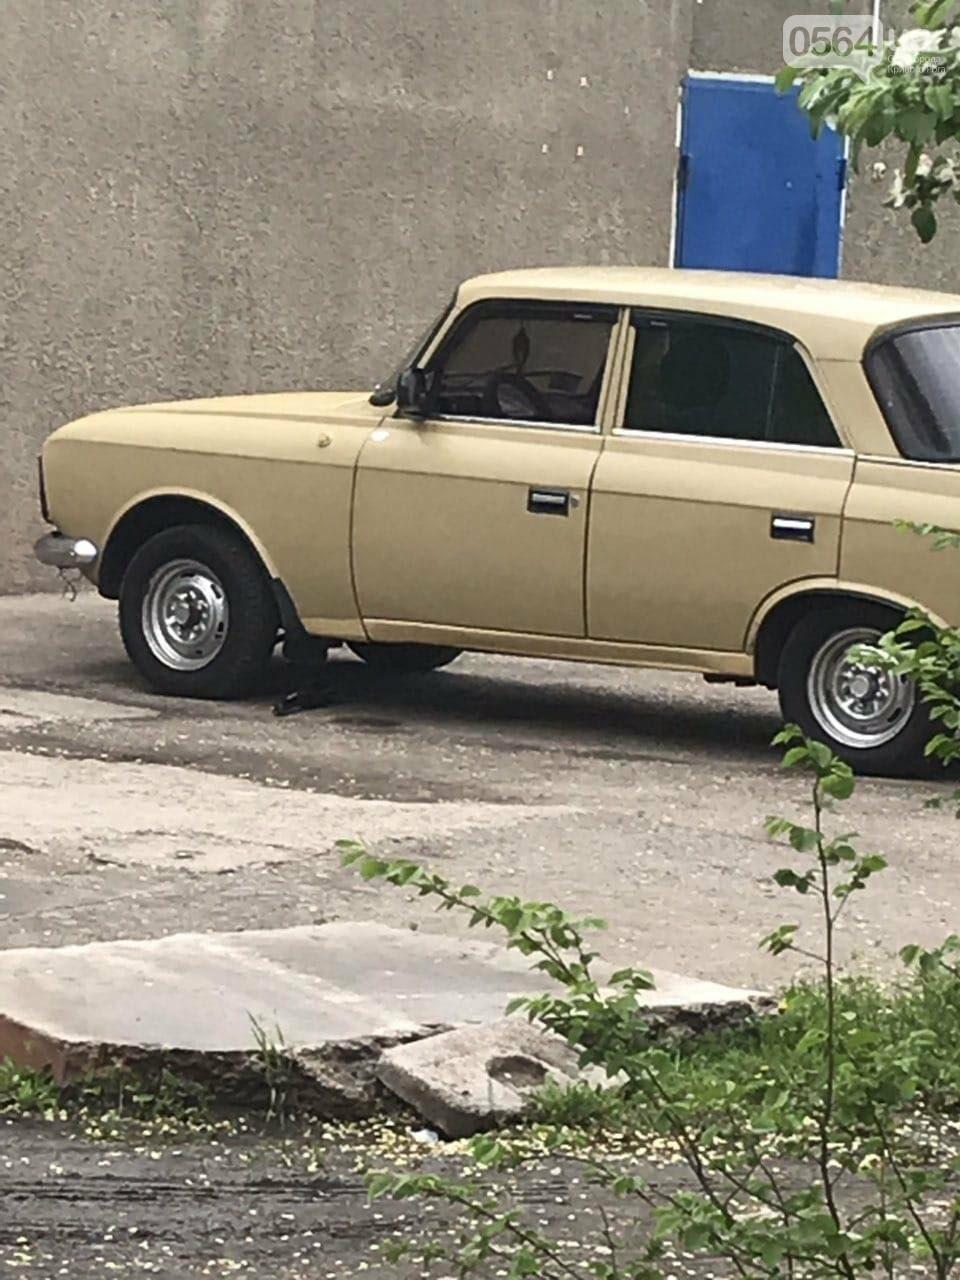 В Кривом Роге обнаружили гранату под машиной, - ФОТО , фото-1